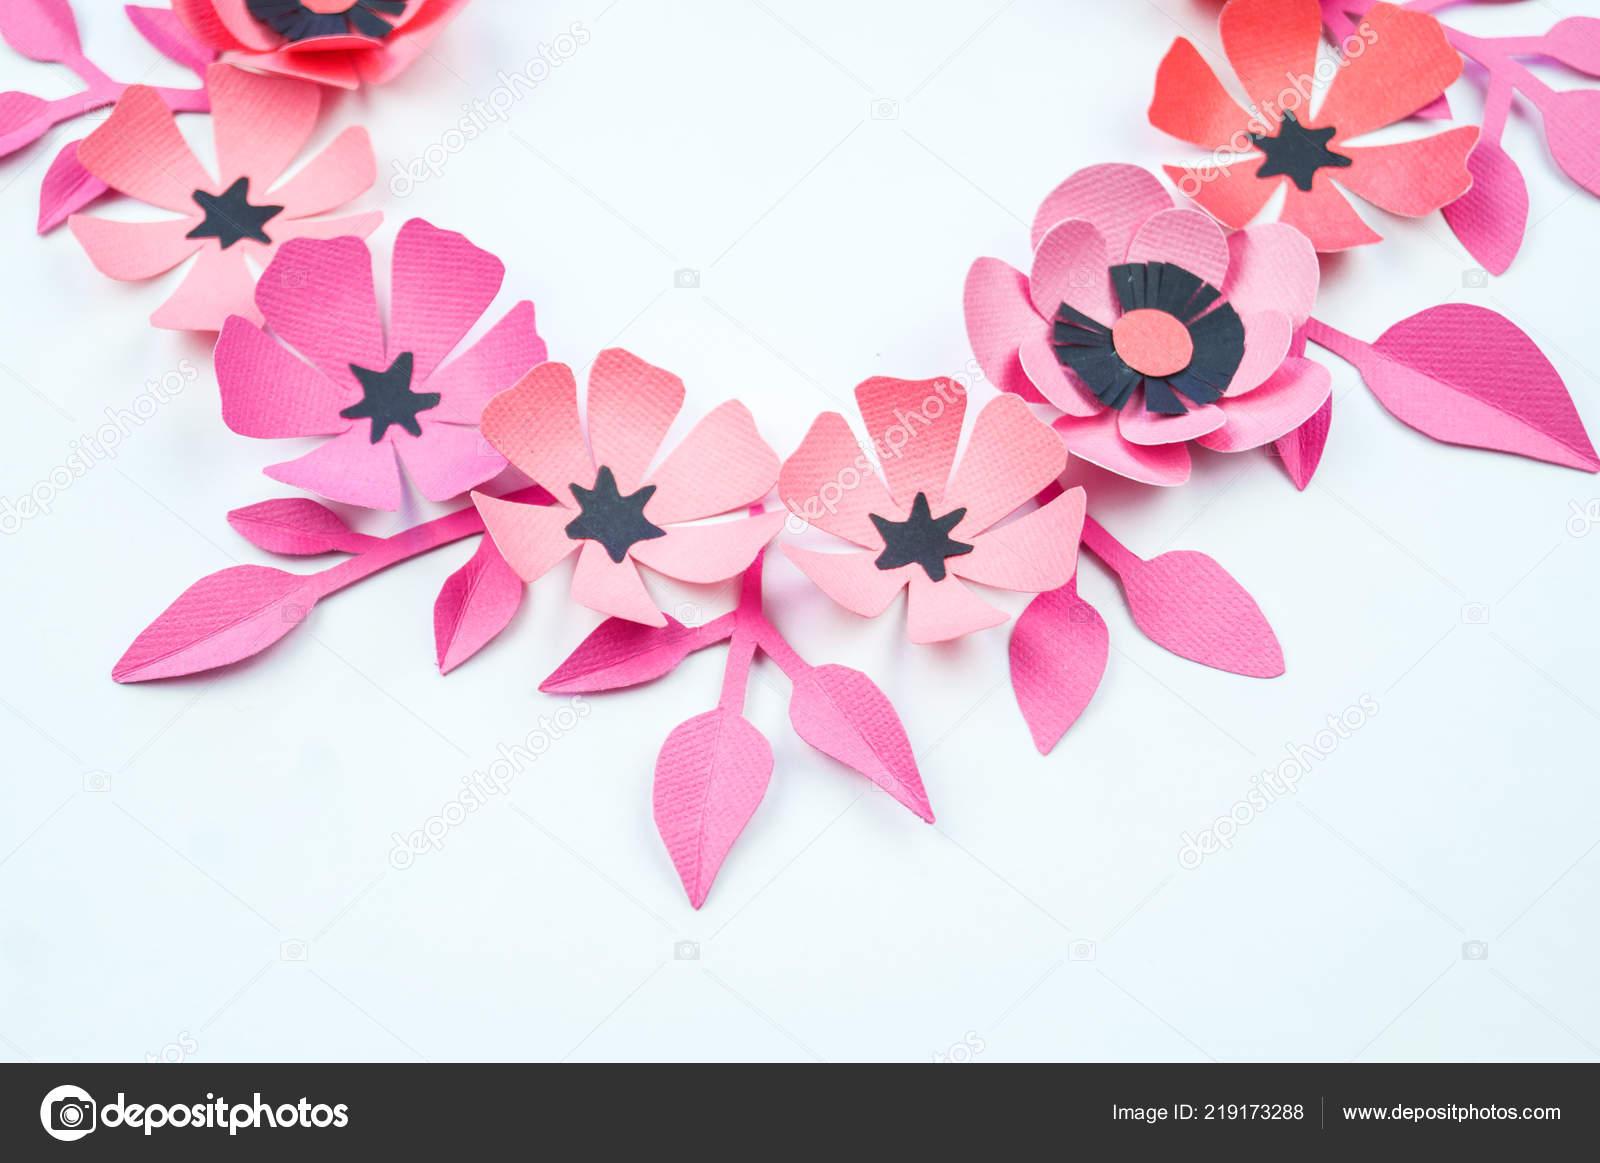 Flower Leaf Pink Black Color Made Paper Handwork Favorite Hobby